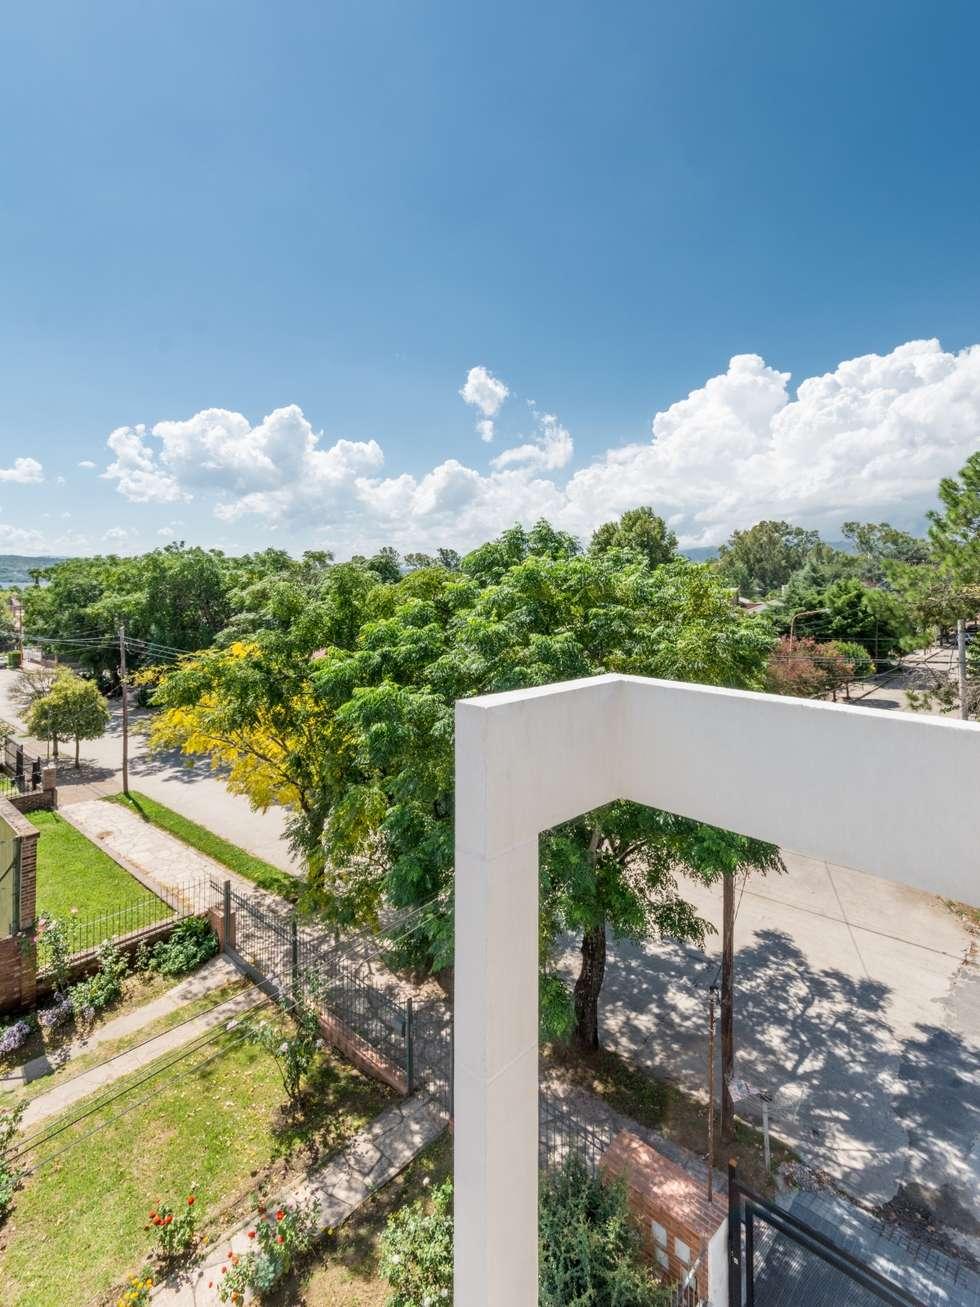 DETALLE/ENCUENTRO ENTRE VIGA Y COLUMNA: Casas de estilo moderno por CELOIRA CALDERON ARQUITECTOS